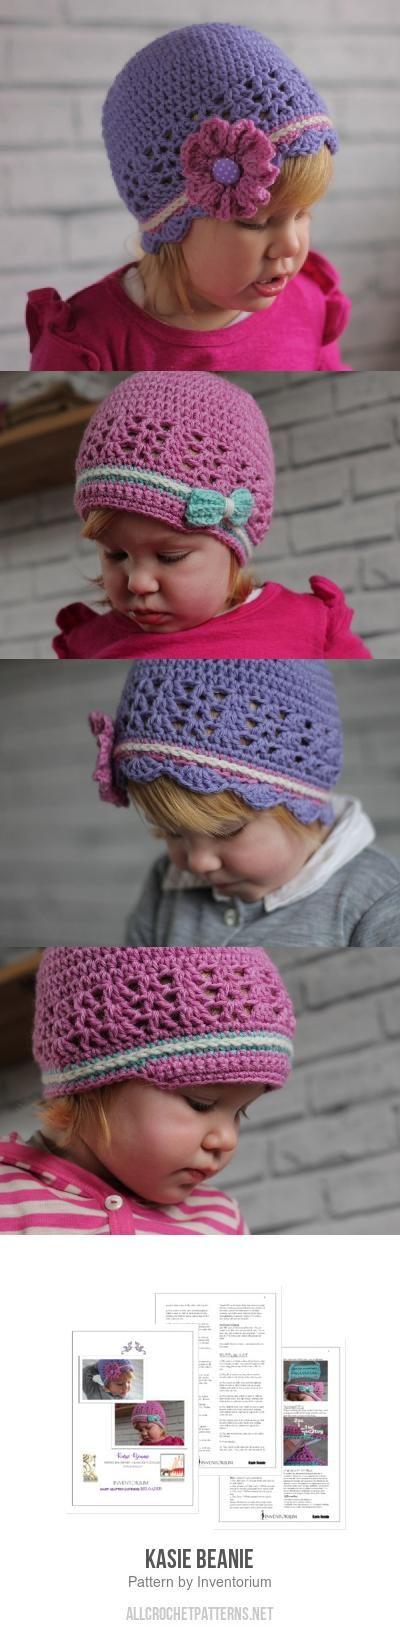 Kasie Beanie crochet pattern